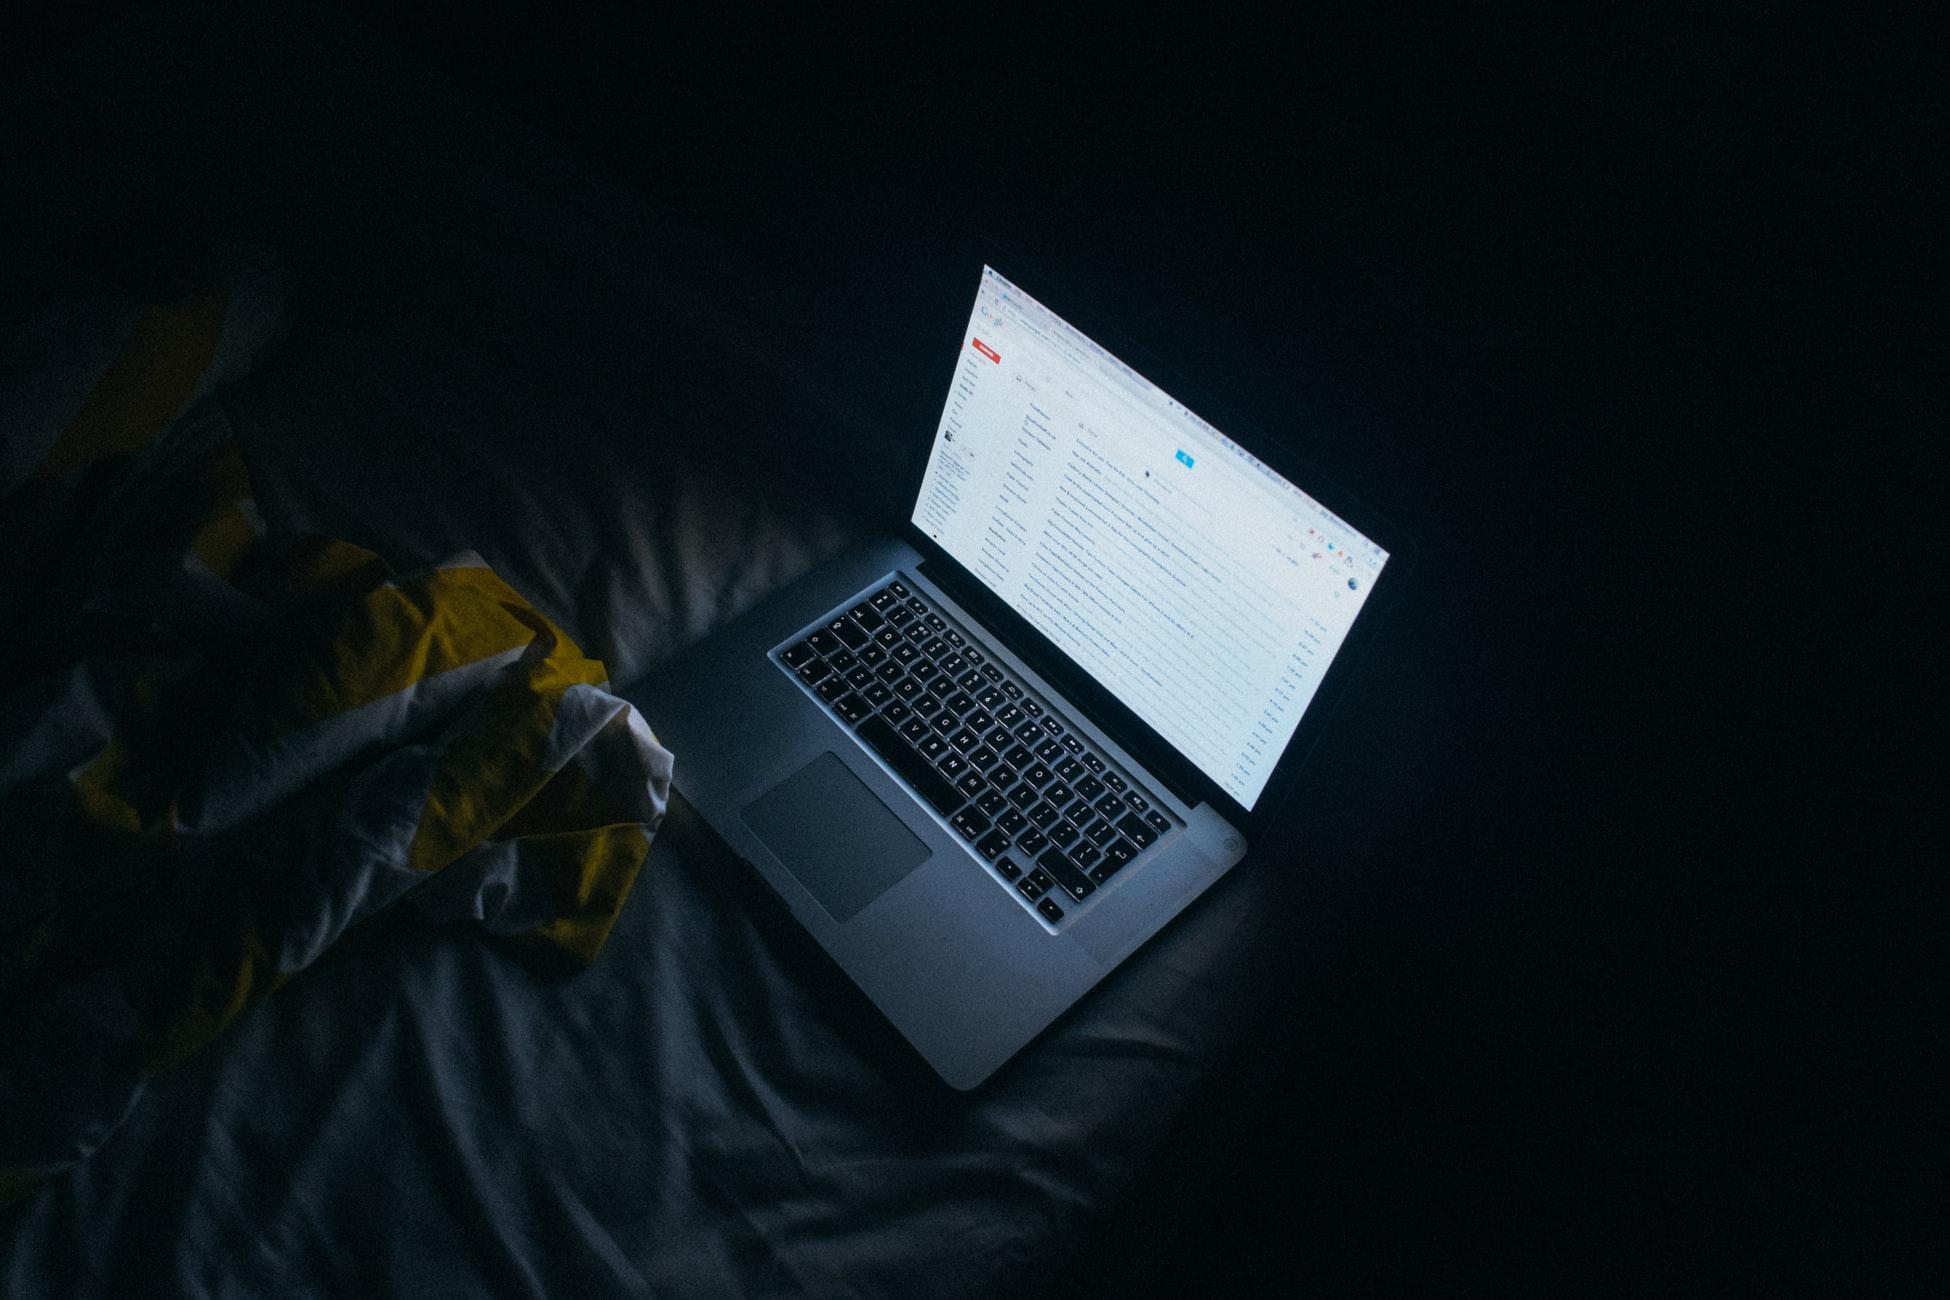 Comment bien dormir - Éviter la lumière bleue